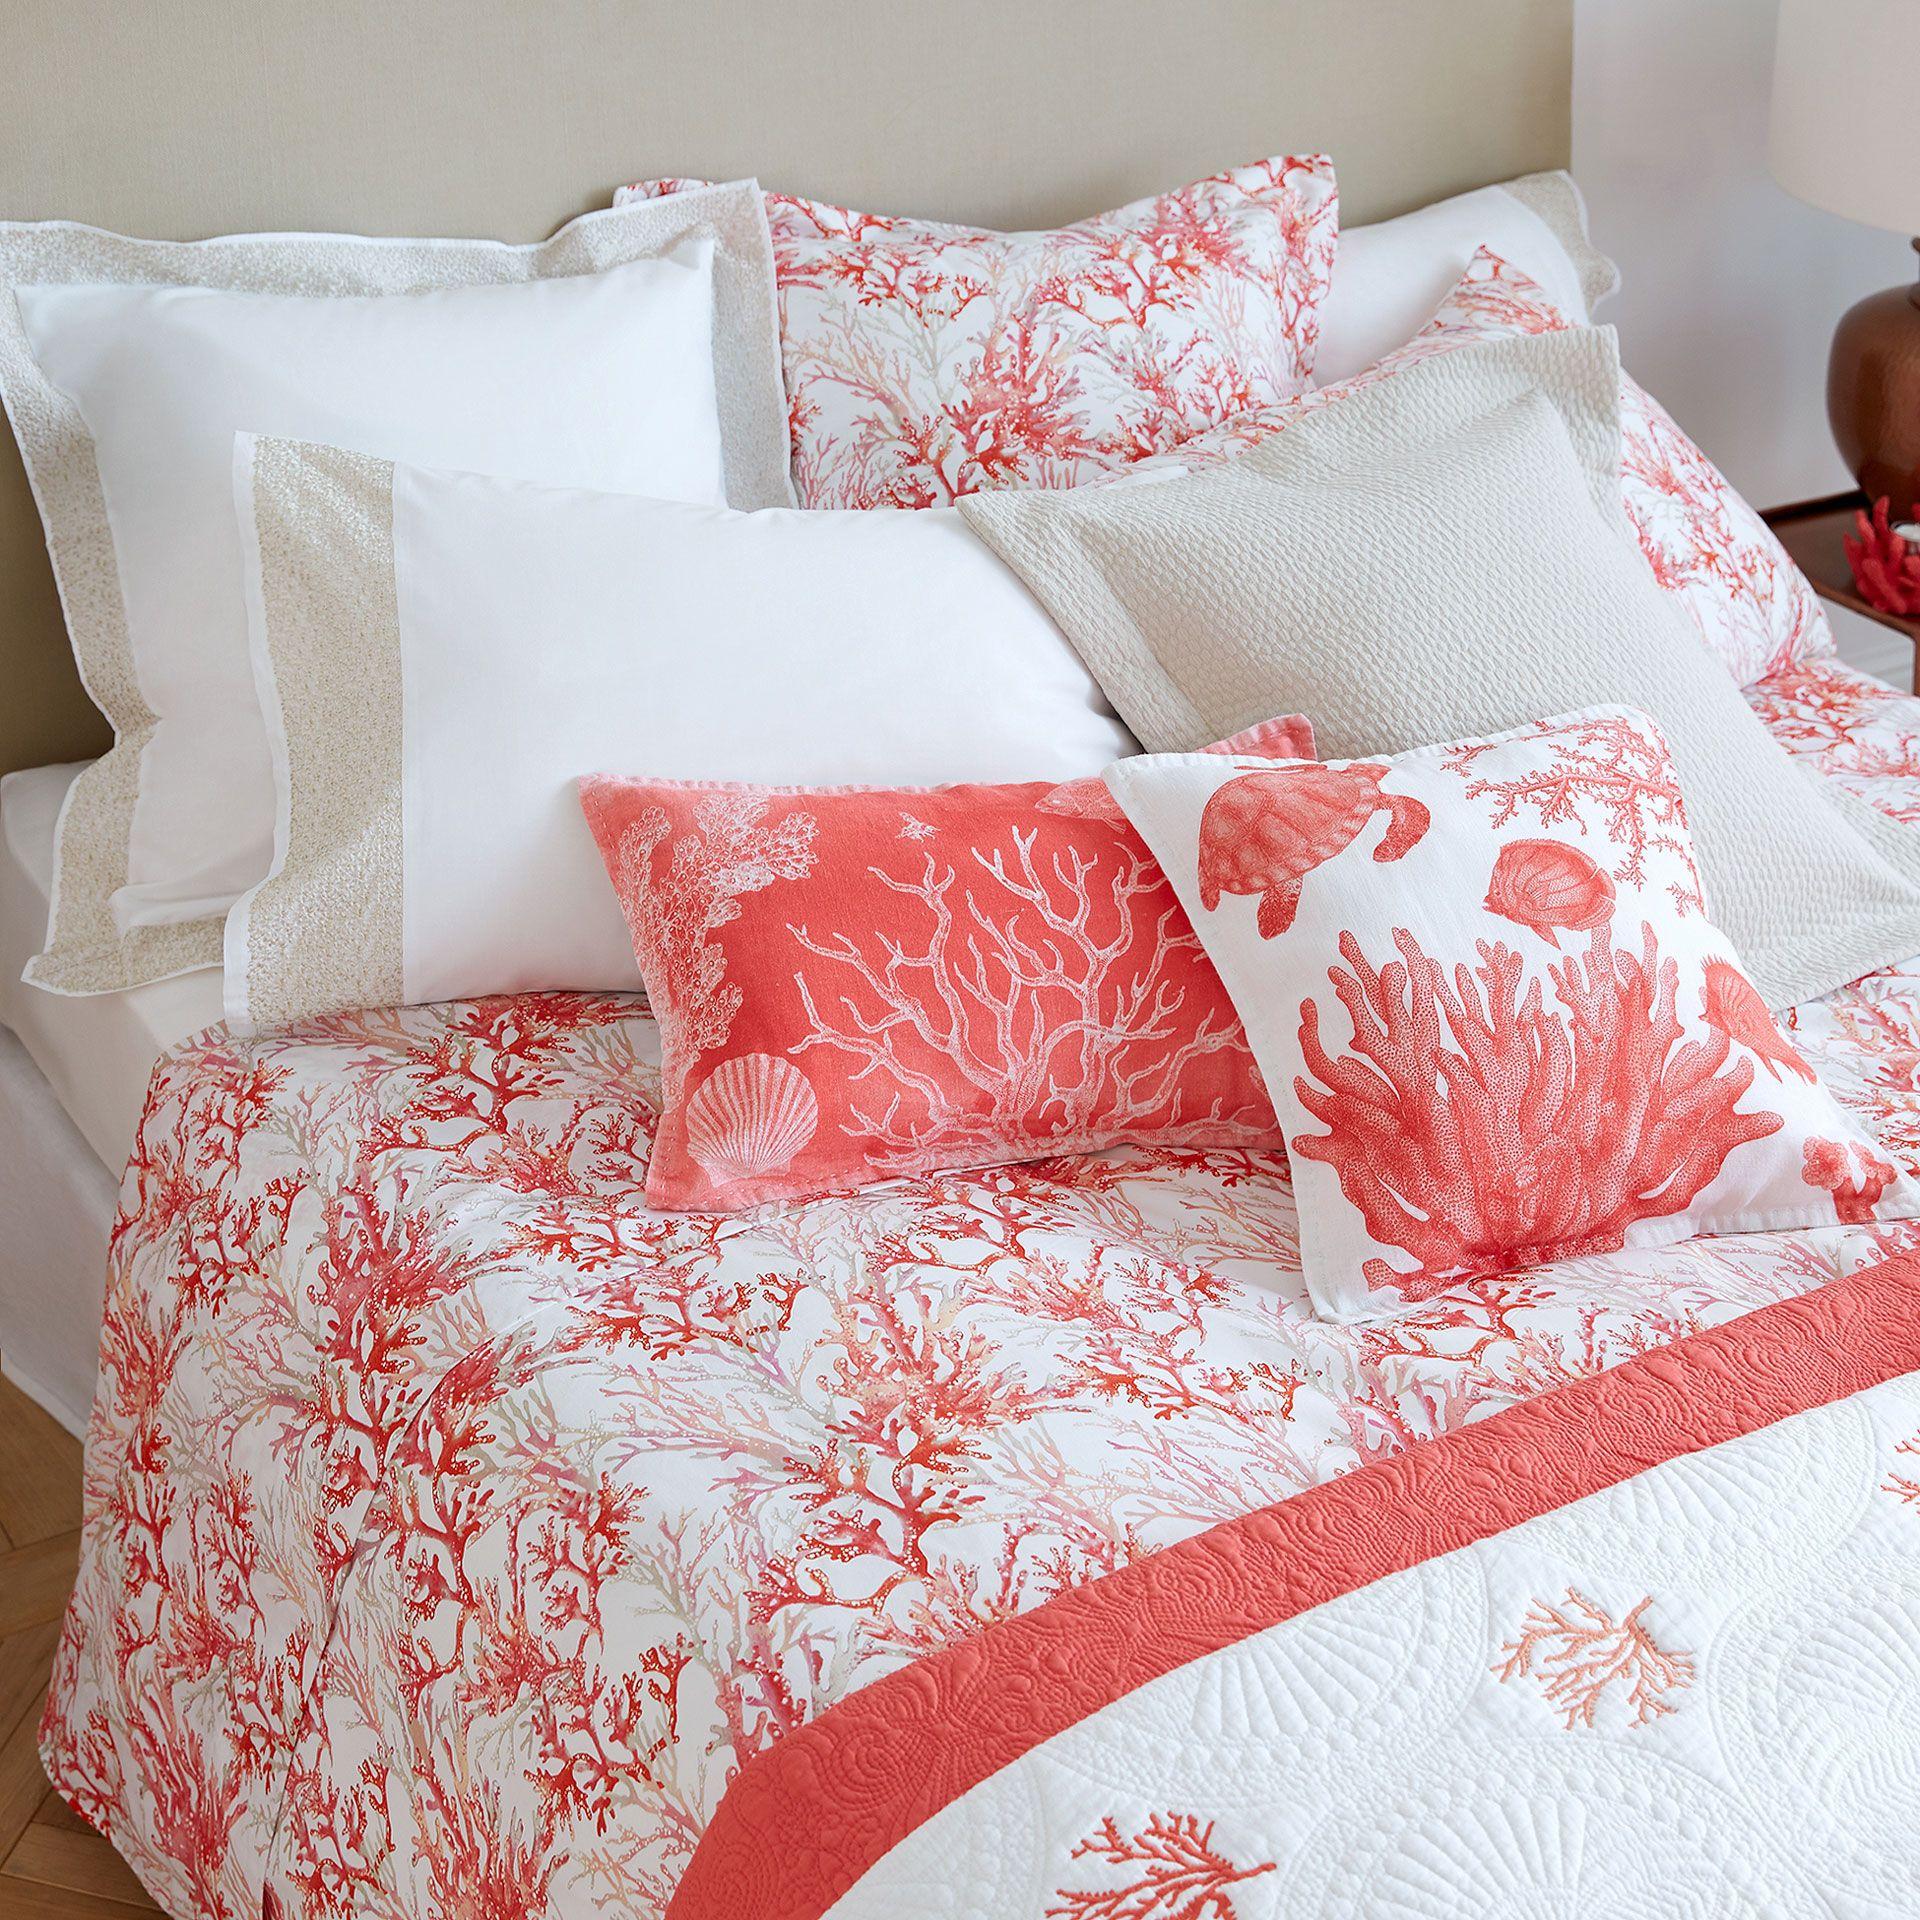 - New Arrivals - Bedroom | Zara Home Oman